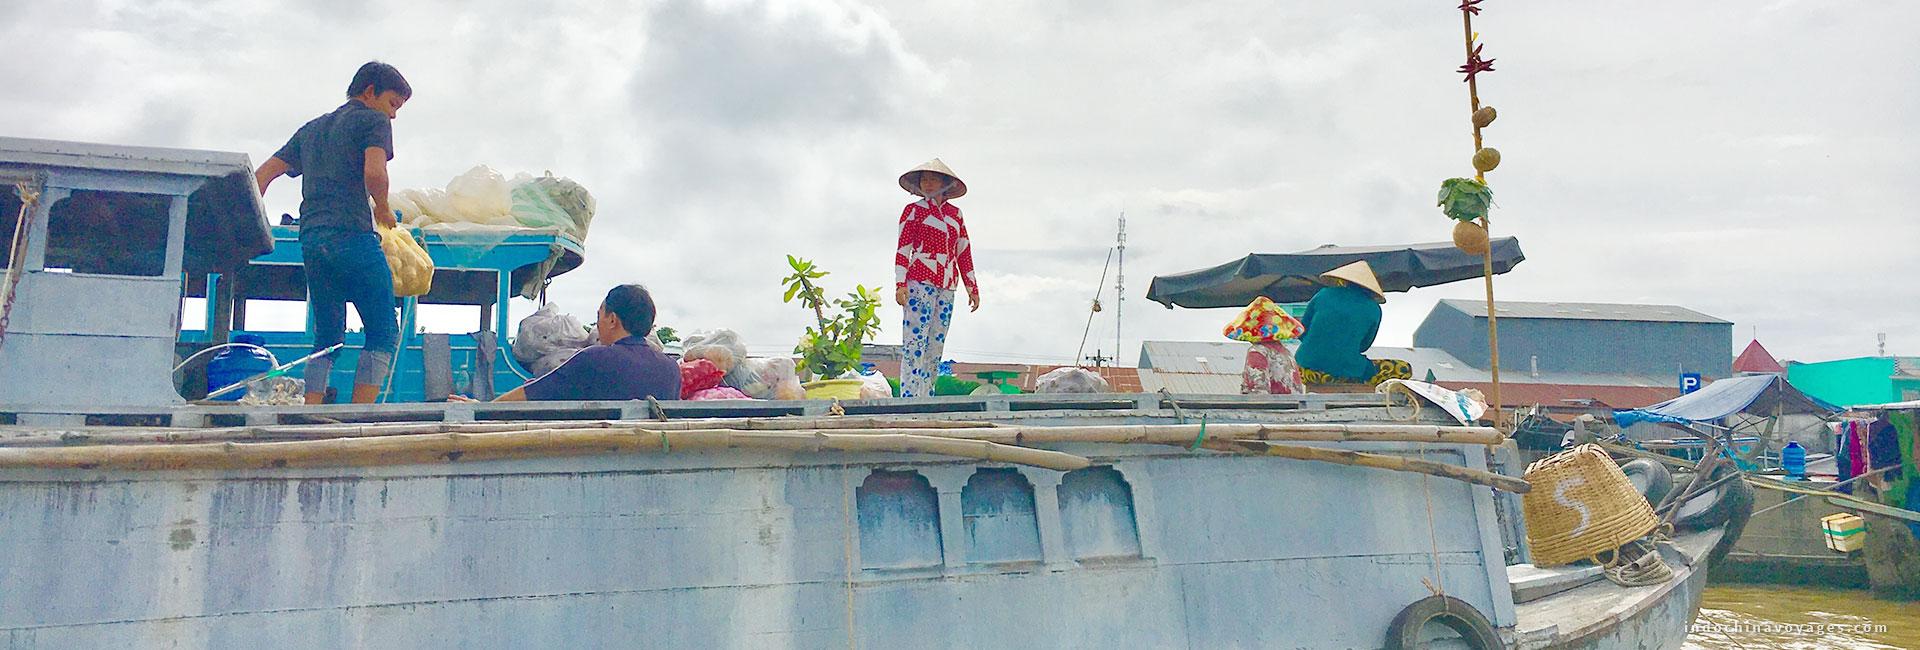 Mekong Cycling Tour 3 Days